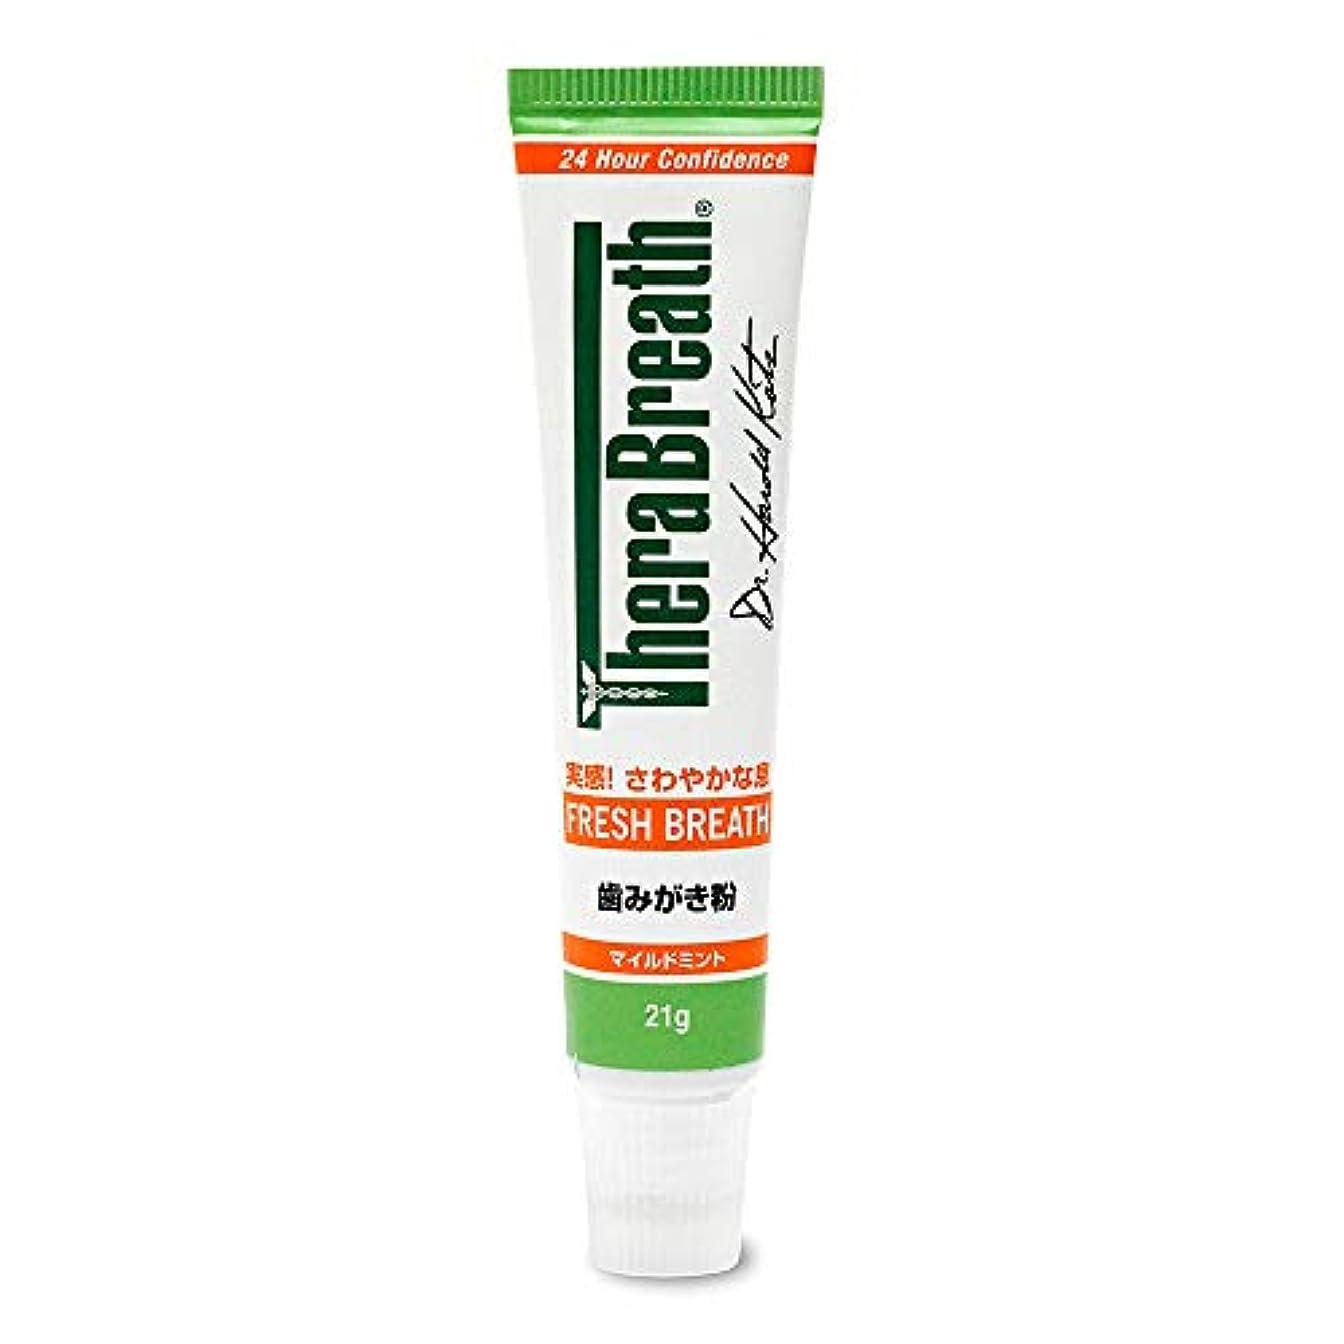 アルファベット順創傷別のTheraBreath (セラブレス) セラブレス トゥースジェル ミニサイズ 21g (正規輸入品) 舌磨き